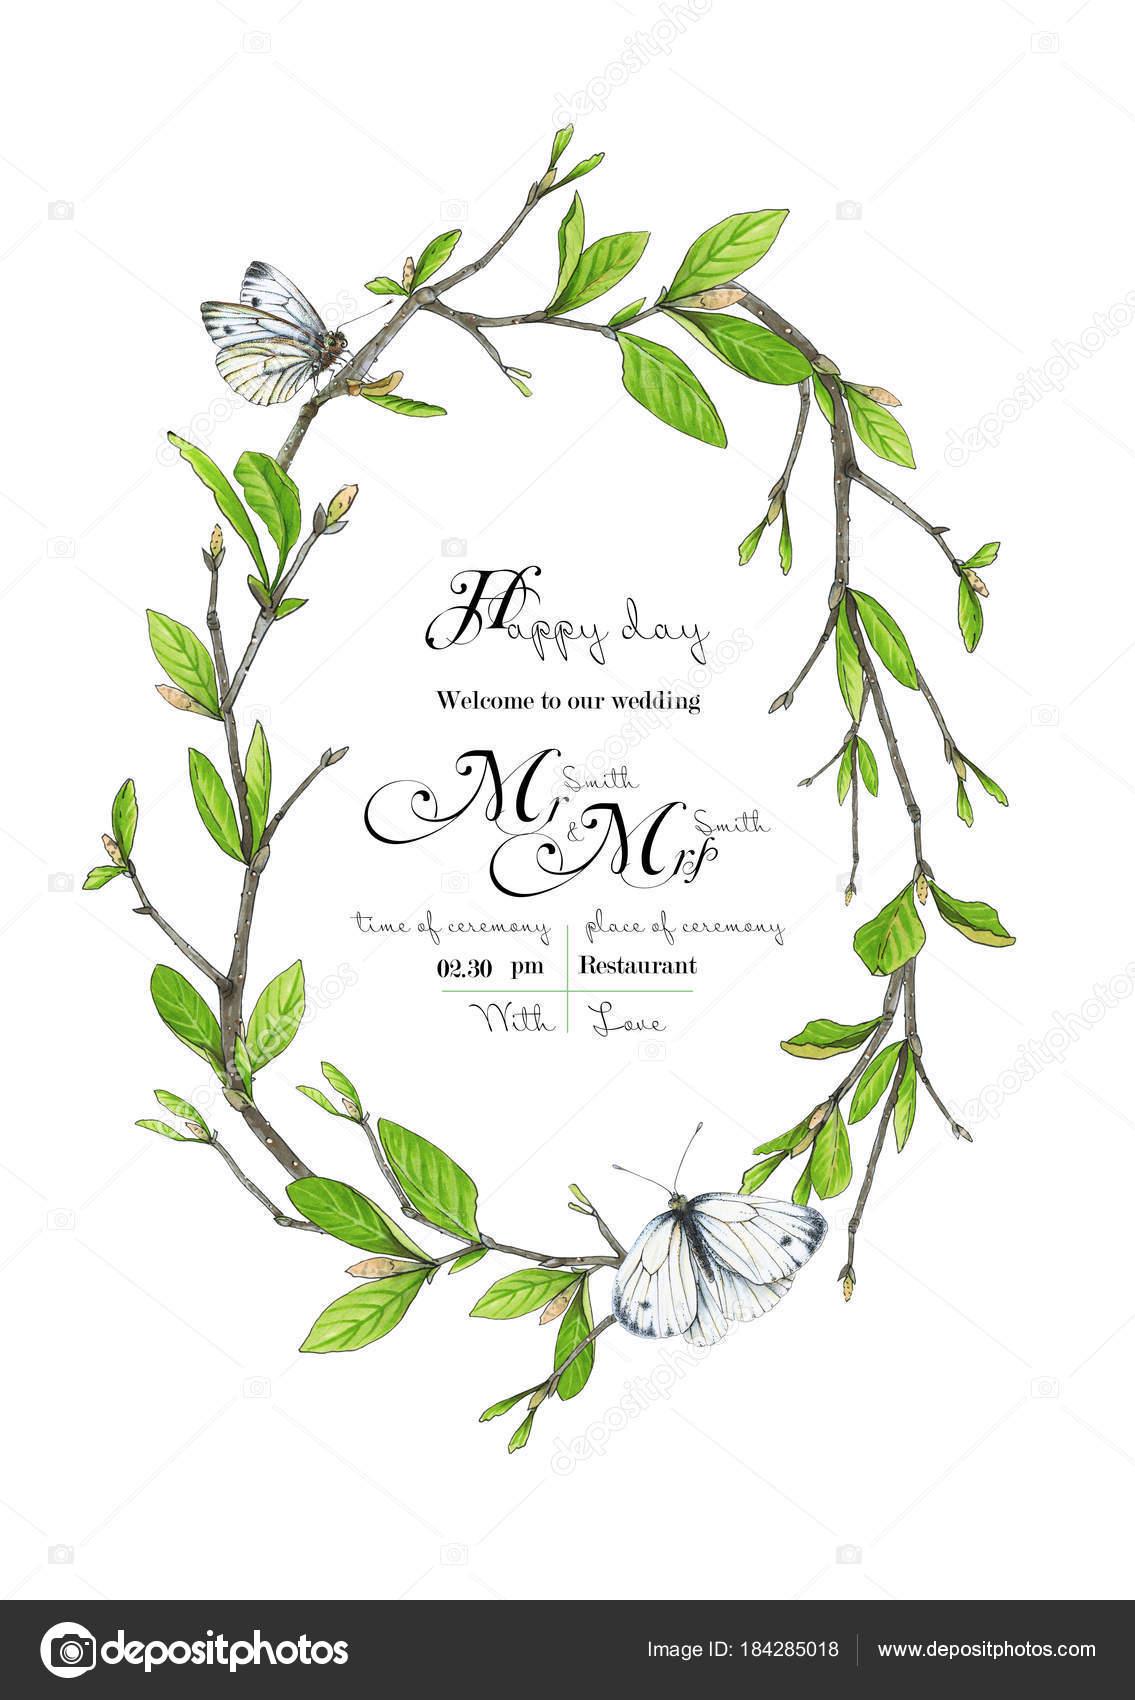 template congratulations invitations wedding green colors